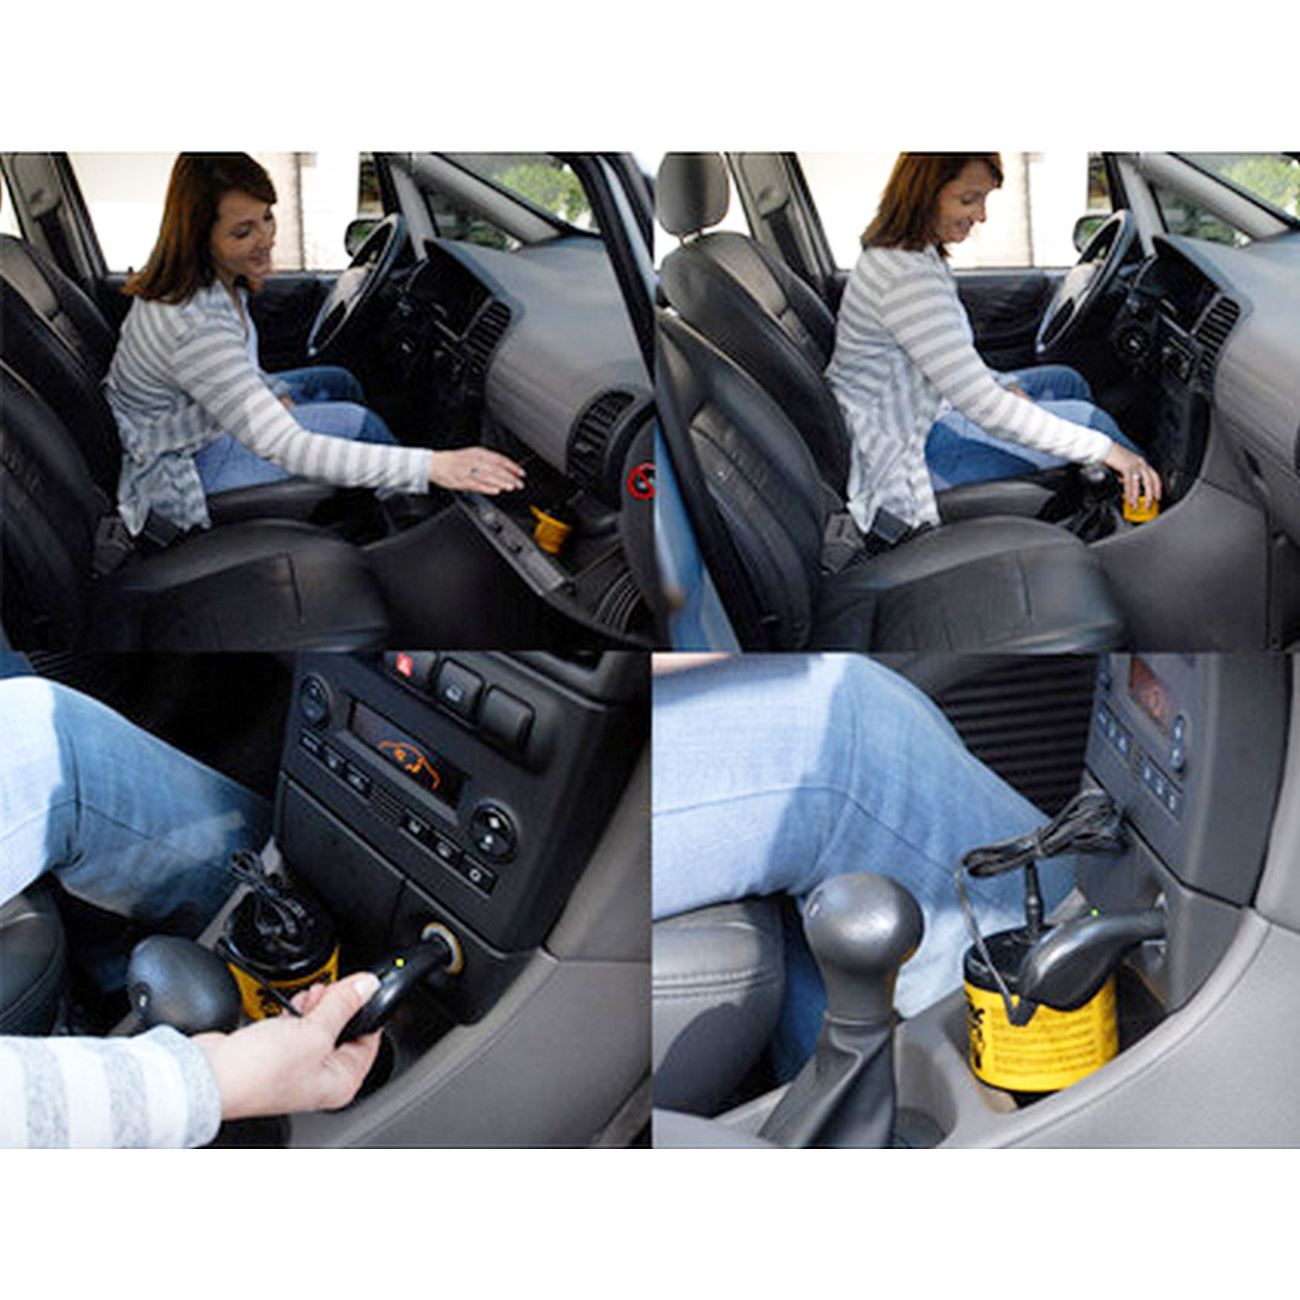 Τι χρειάζεστε για να συνδέσετε υποβρύχια σε ένα αυτοκίνητο